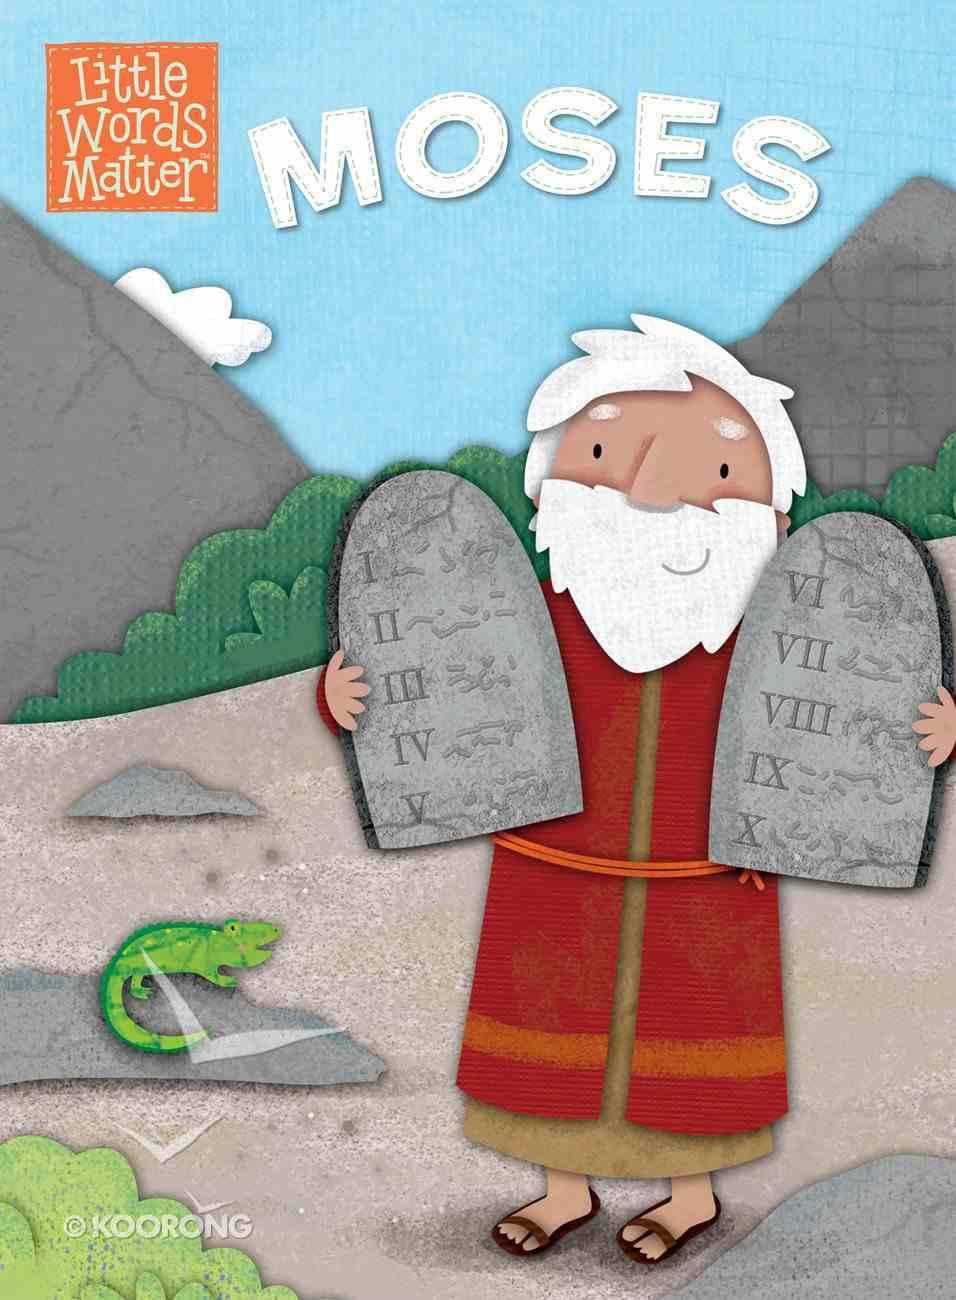 Moses (Little Words Matter Series) eBook